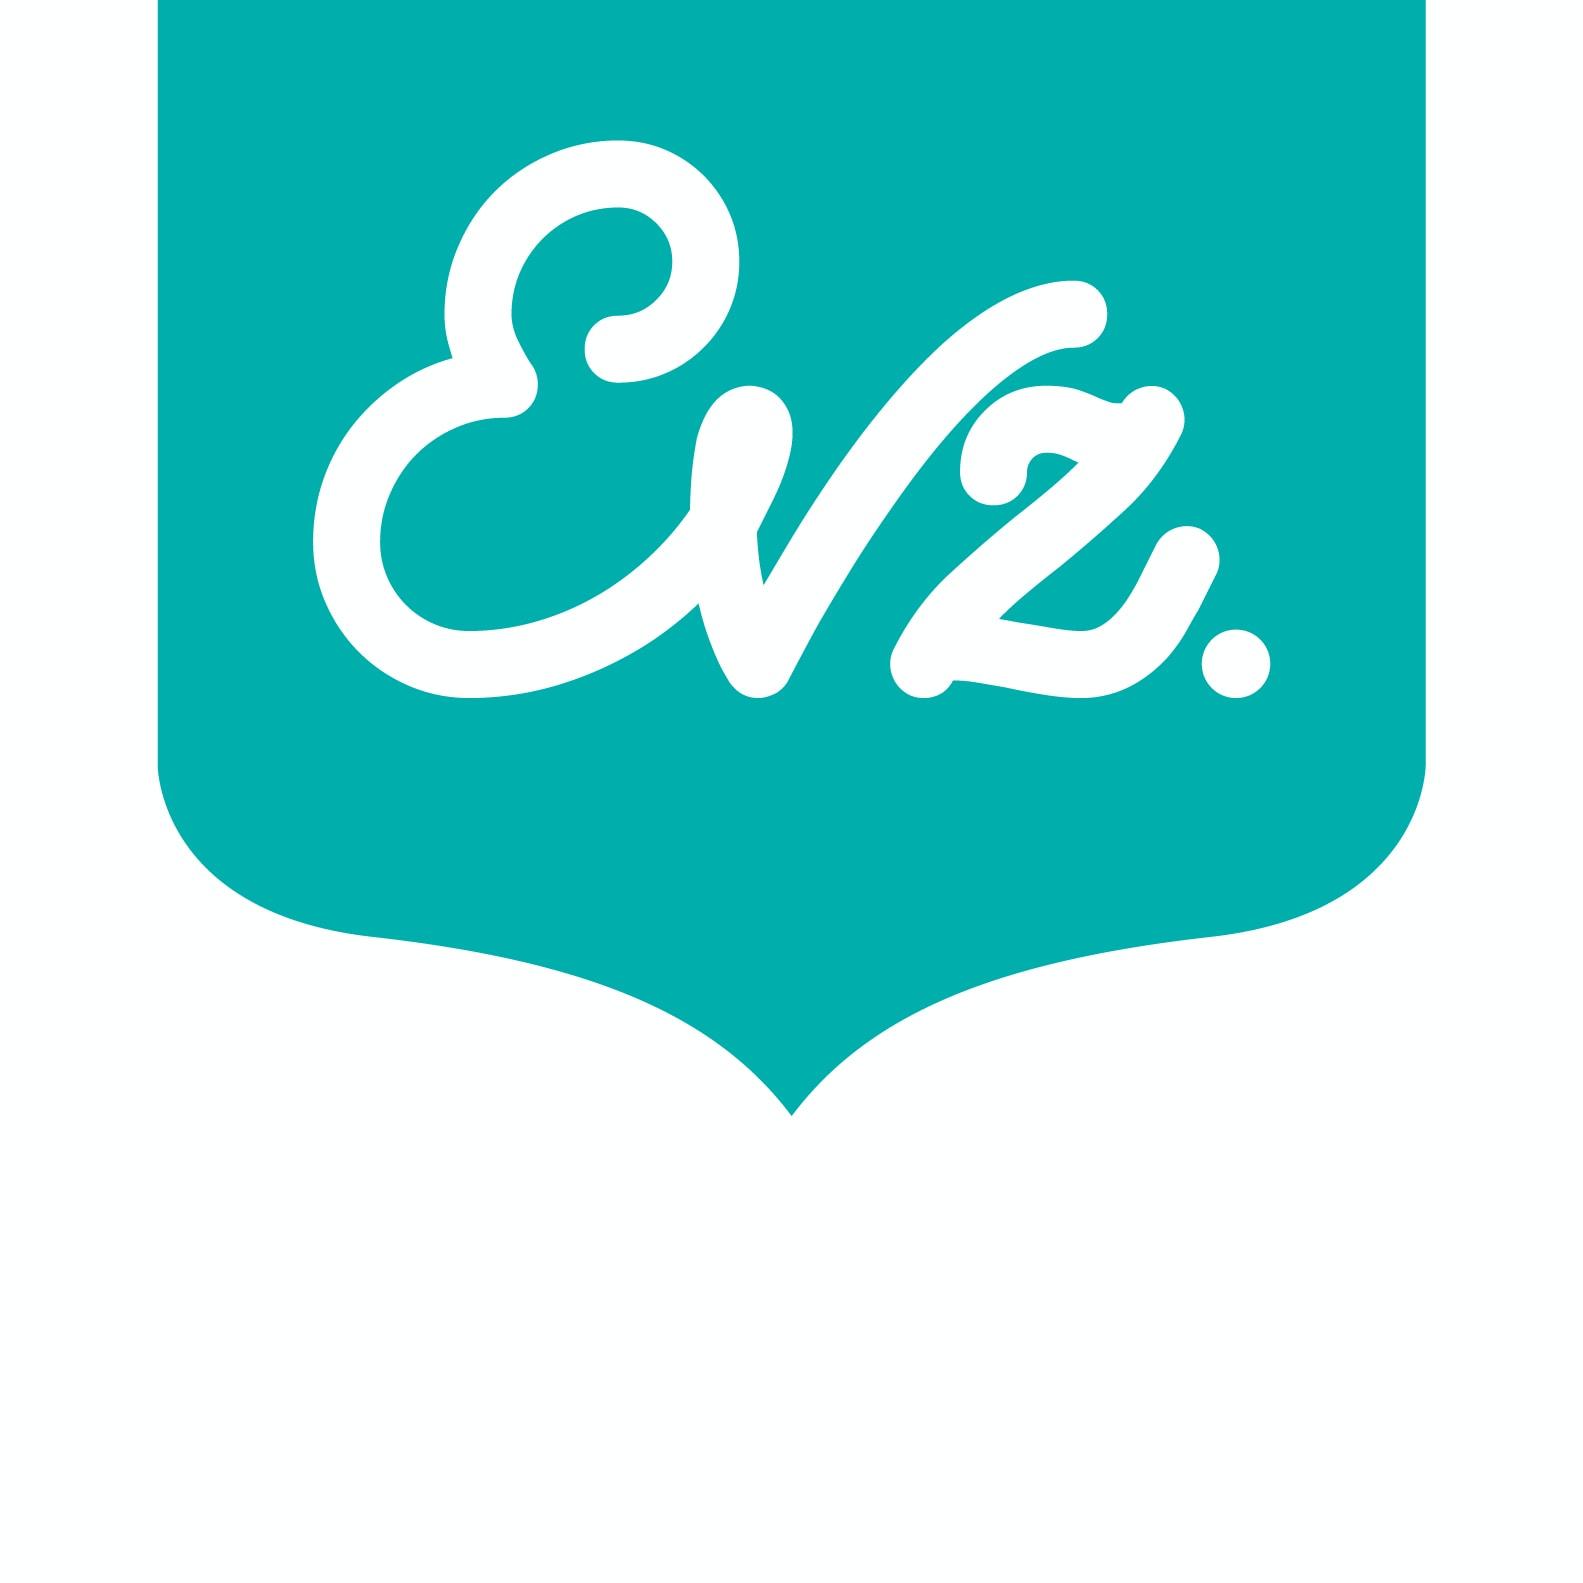 Go to Eza Virgo's profile